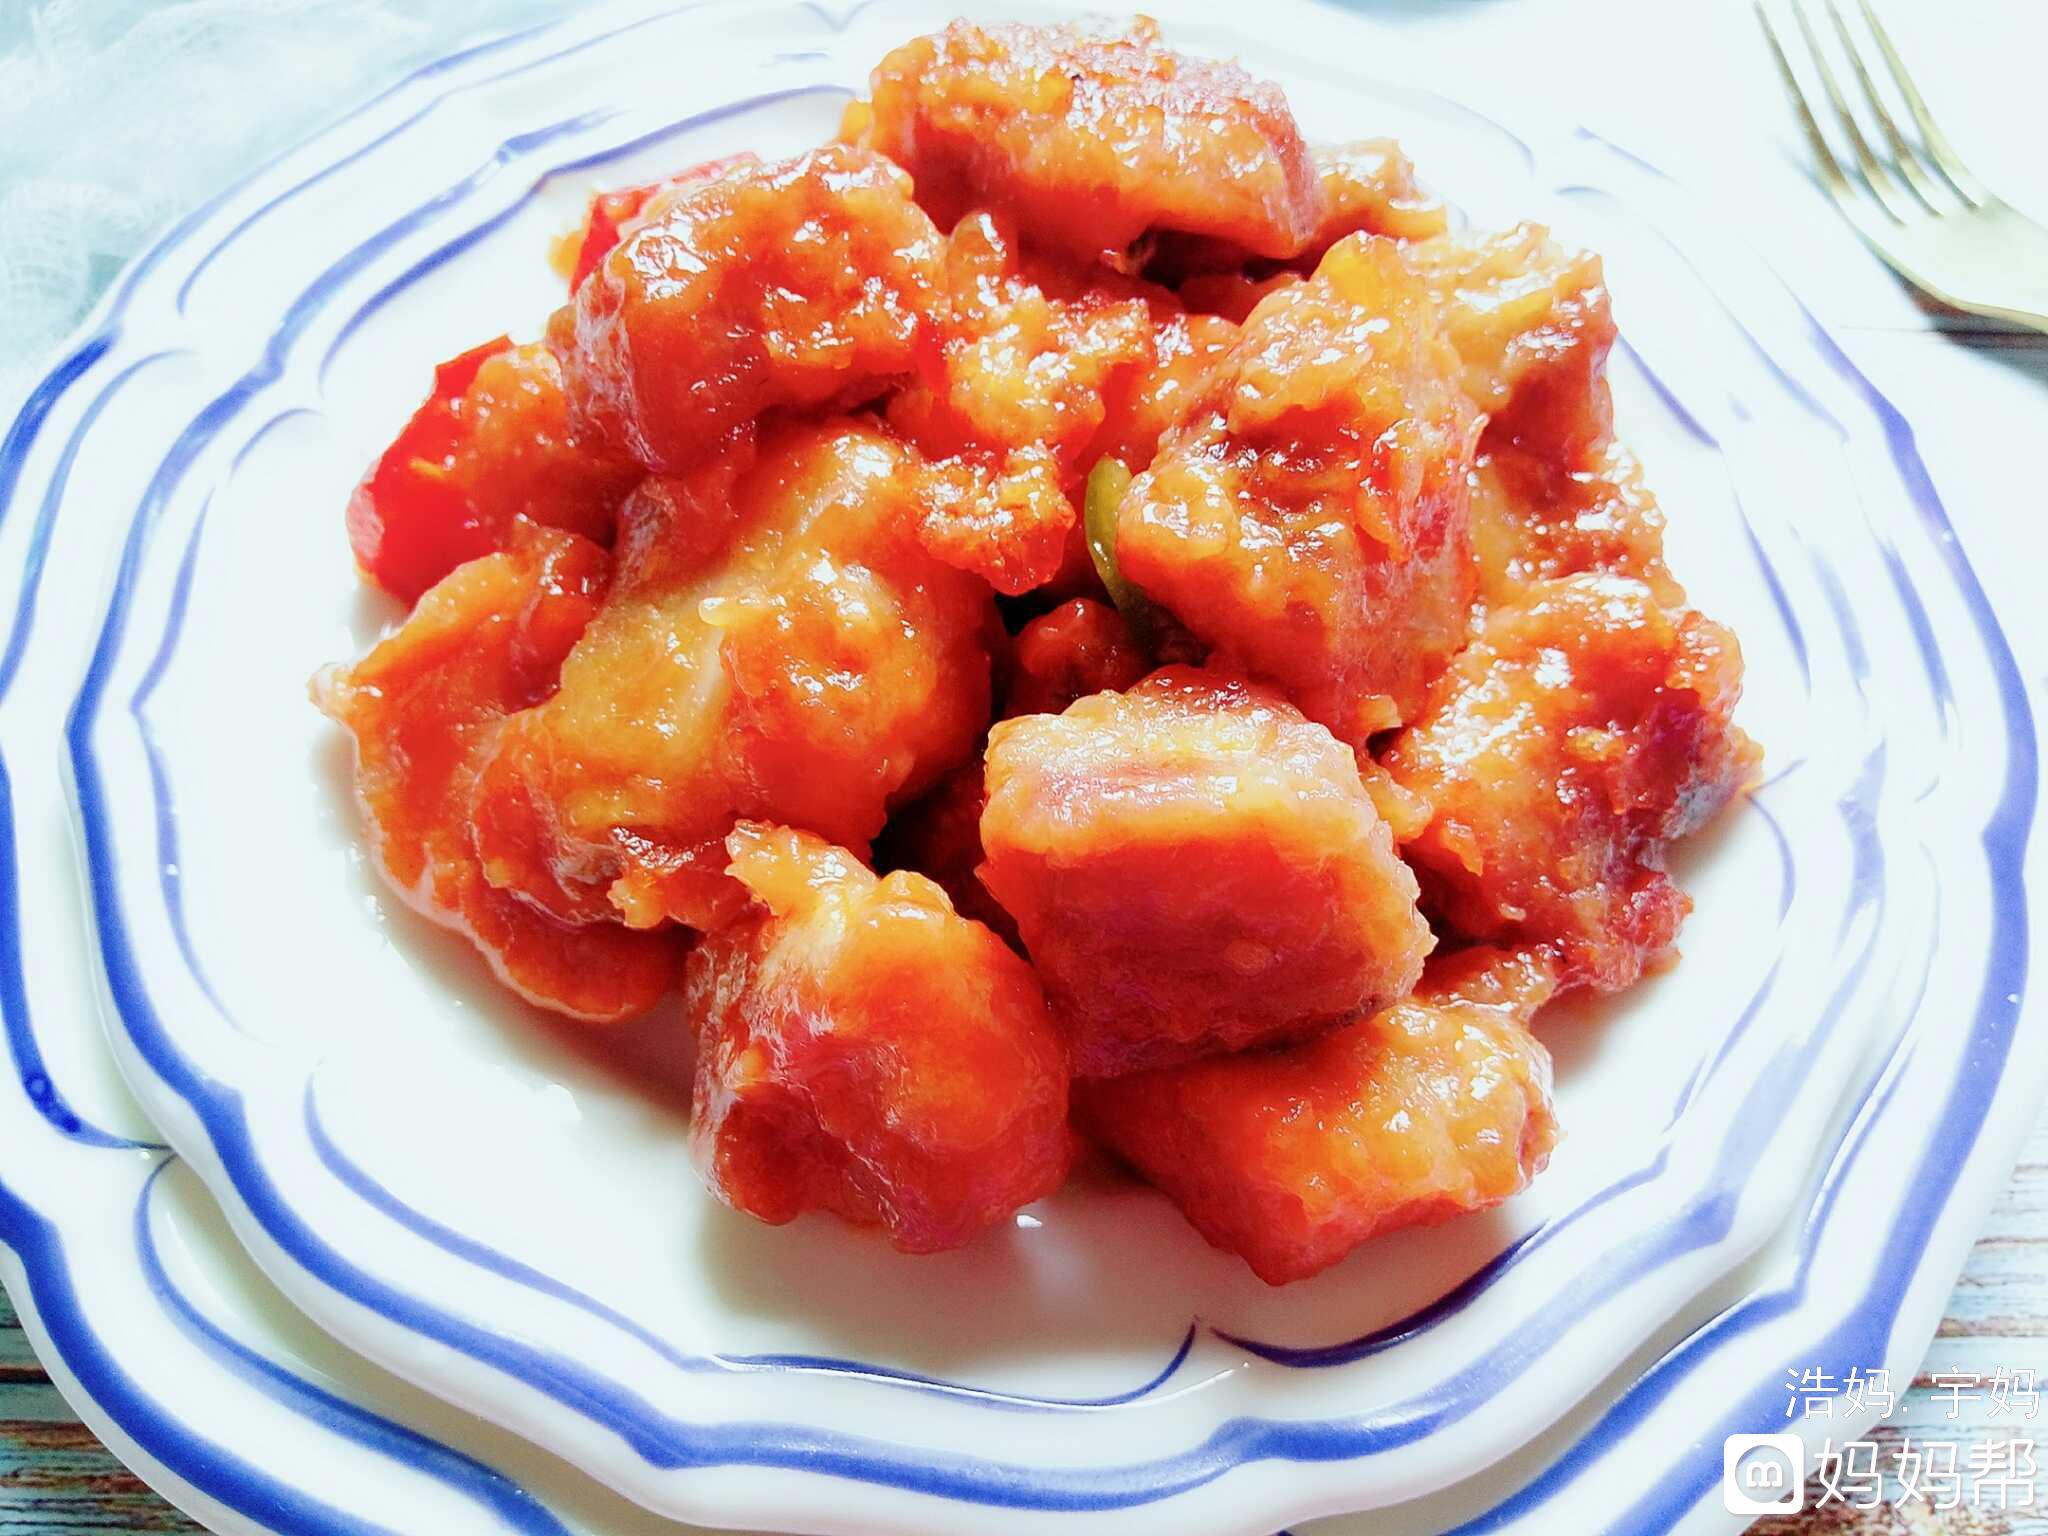 【九阳杜仲】酸酸甜甜好排骨美食酸甜产妇能喝味道炖猪腰图片